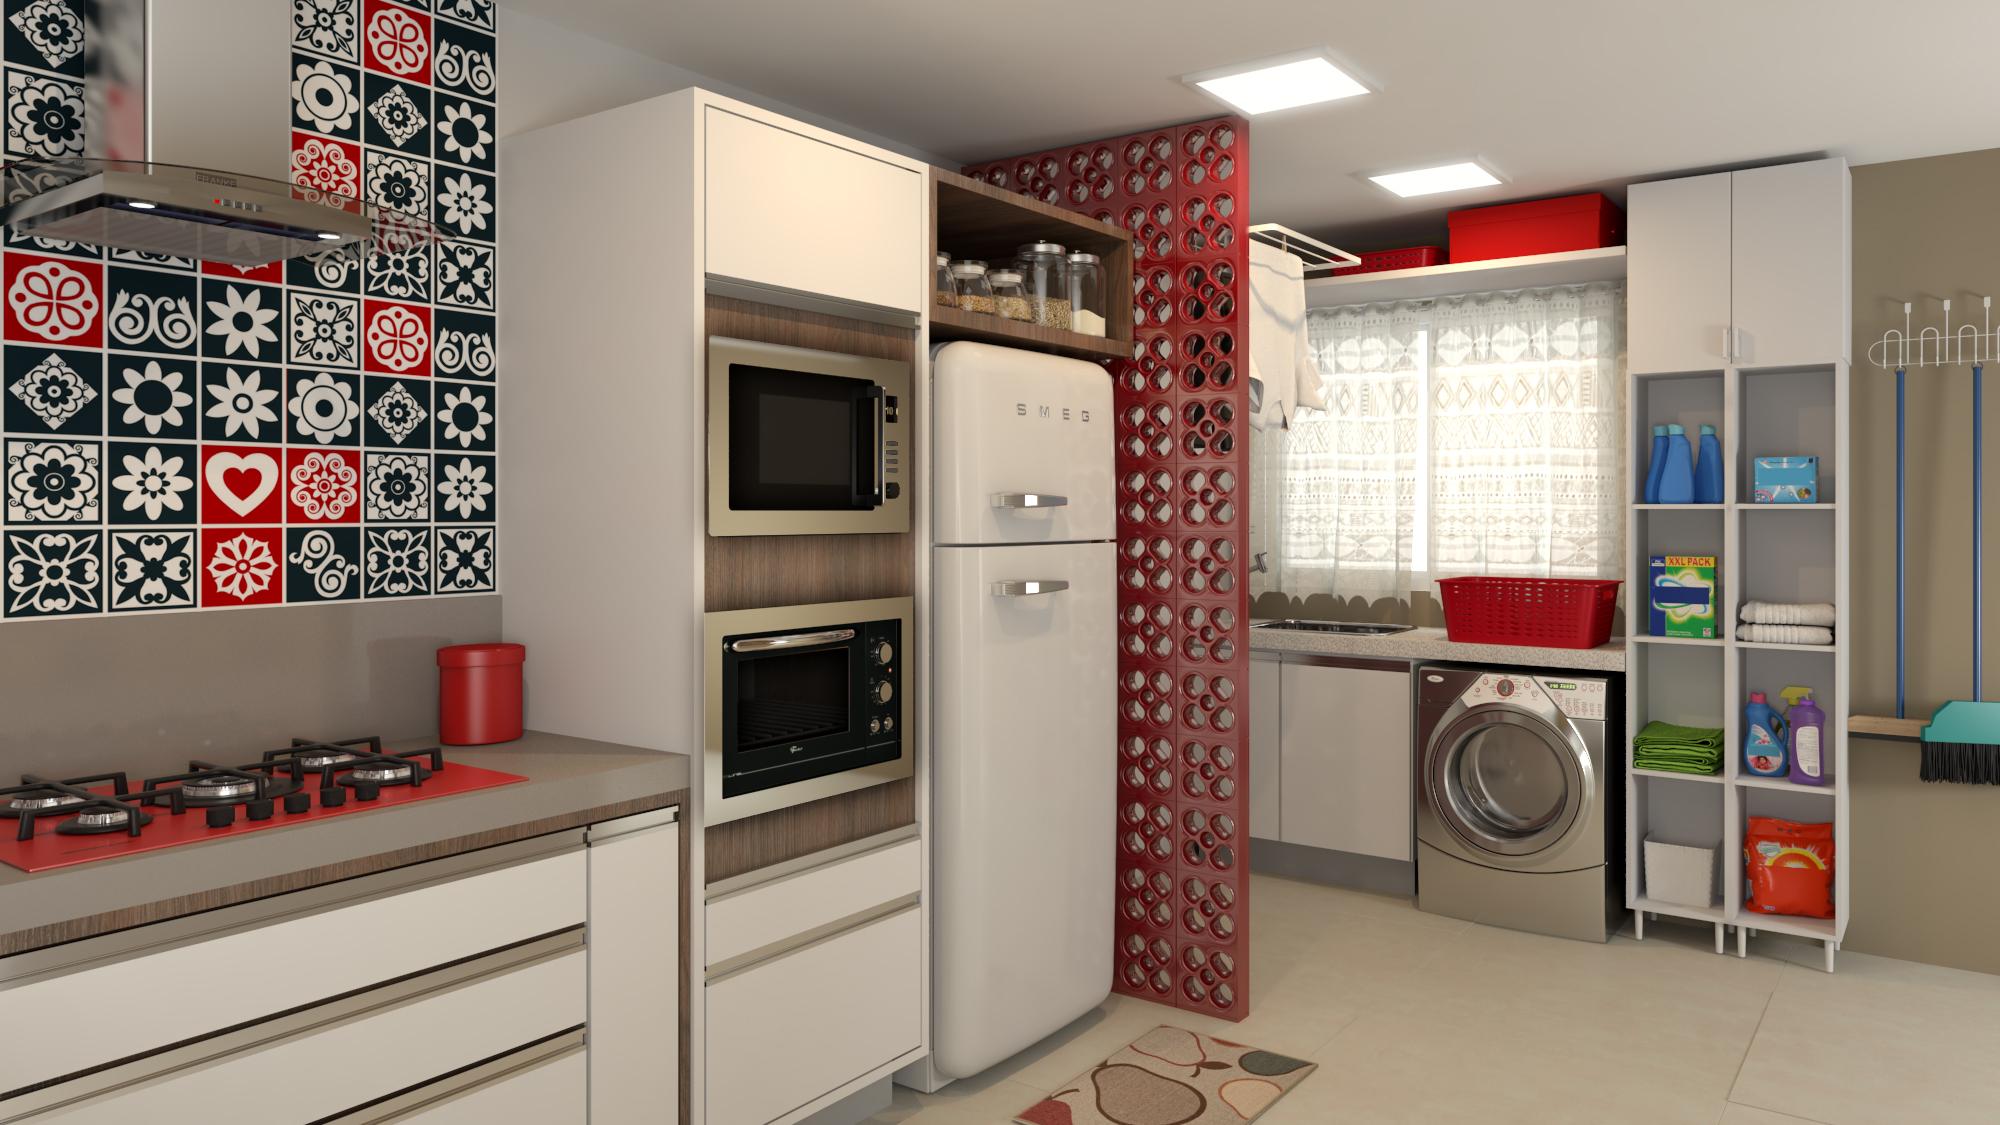 Integrada Decorada Em Tons De Vermelho ~ Cozinha Cinza Com Vermelho